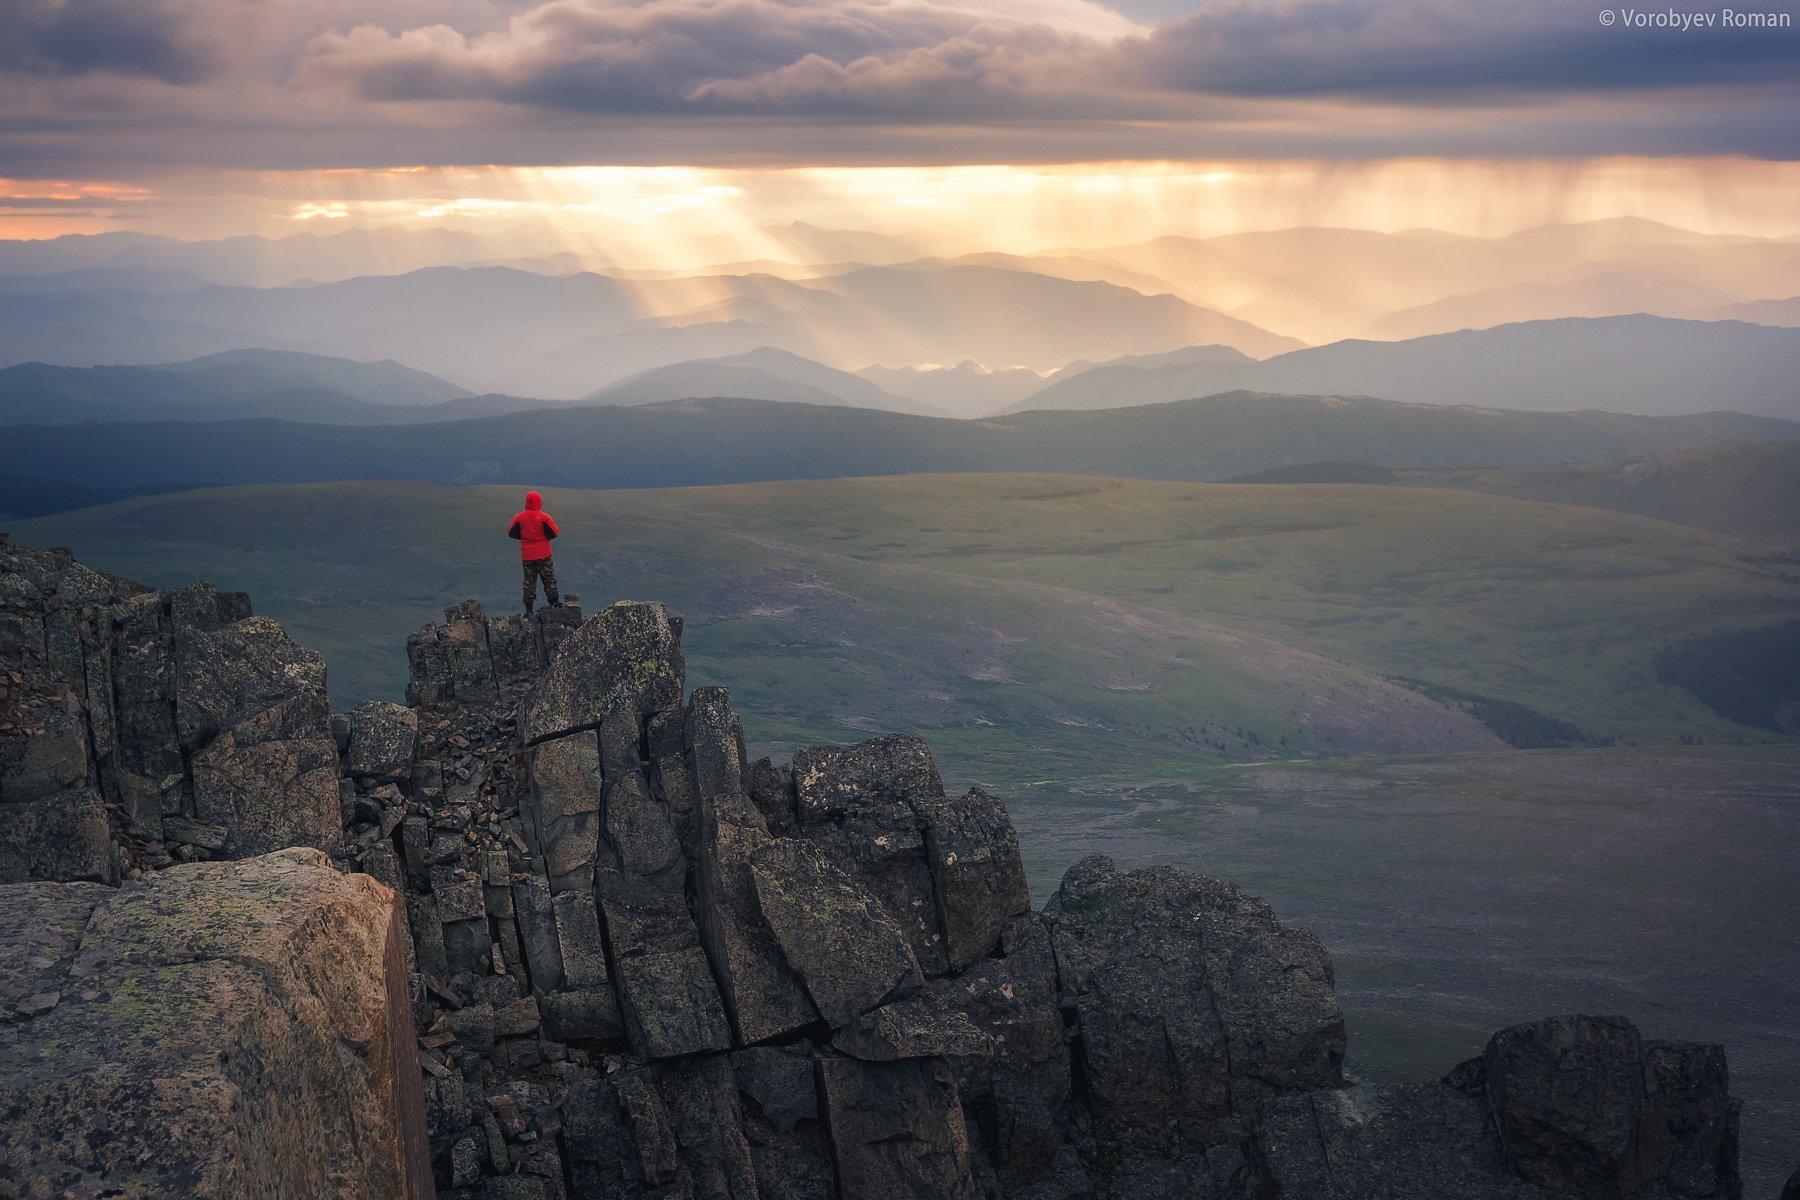 алтай, горы, рассвет, семинский. горный алтай,, Roman Vorobyev